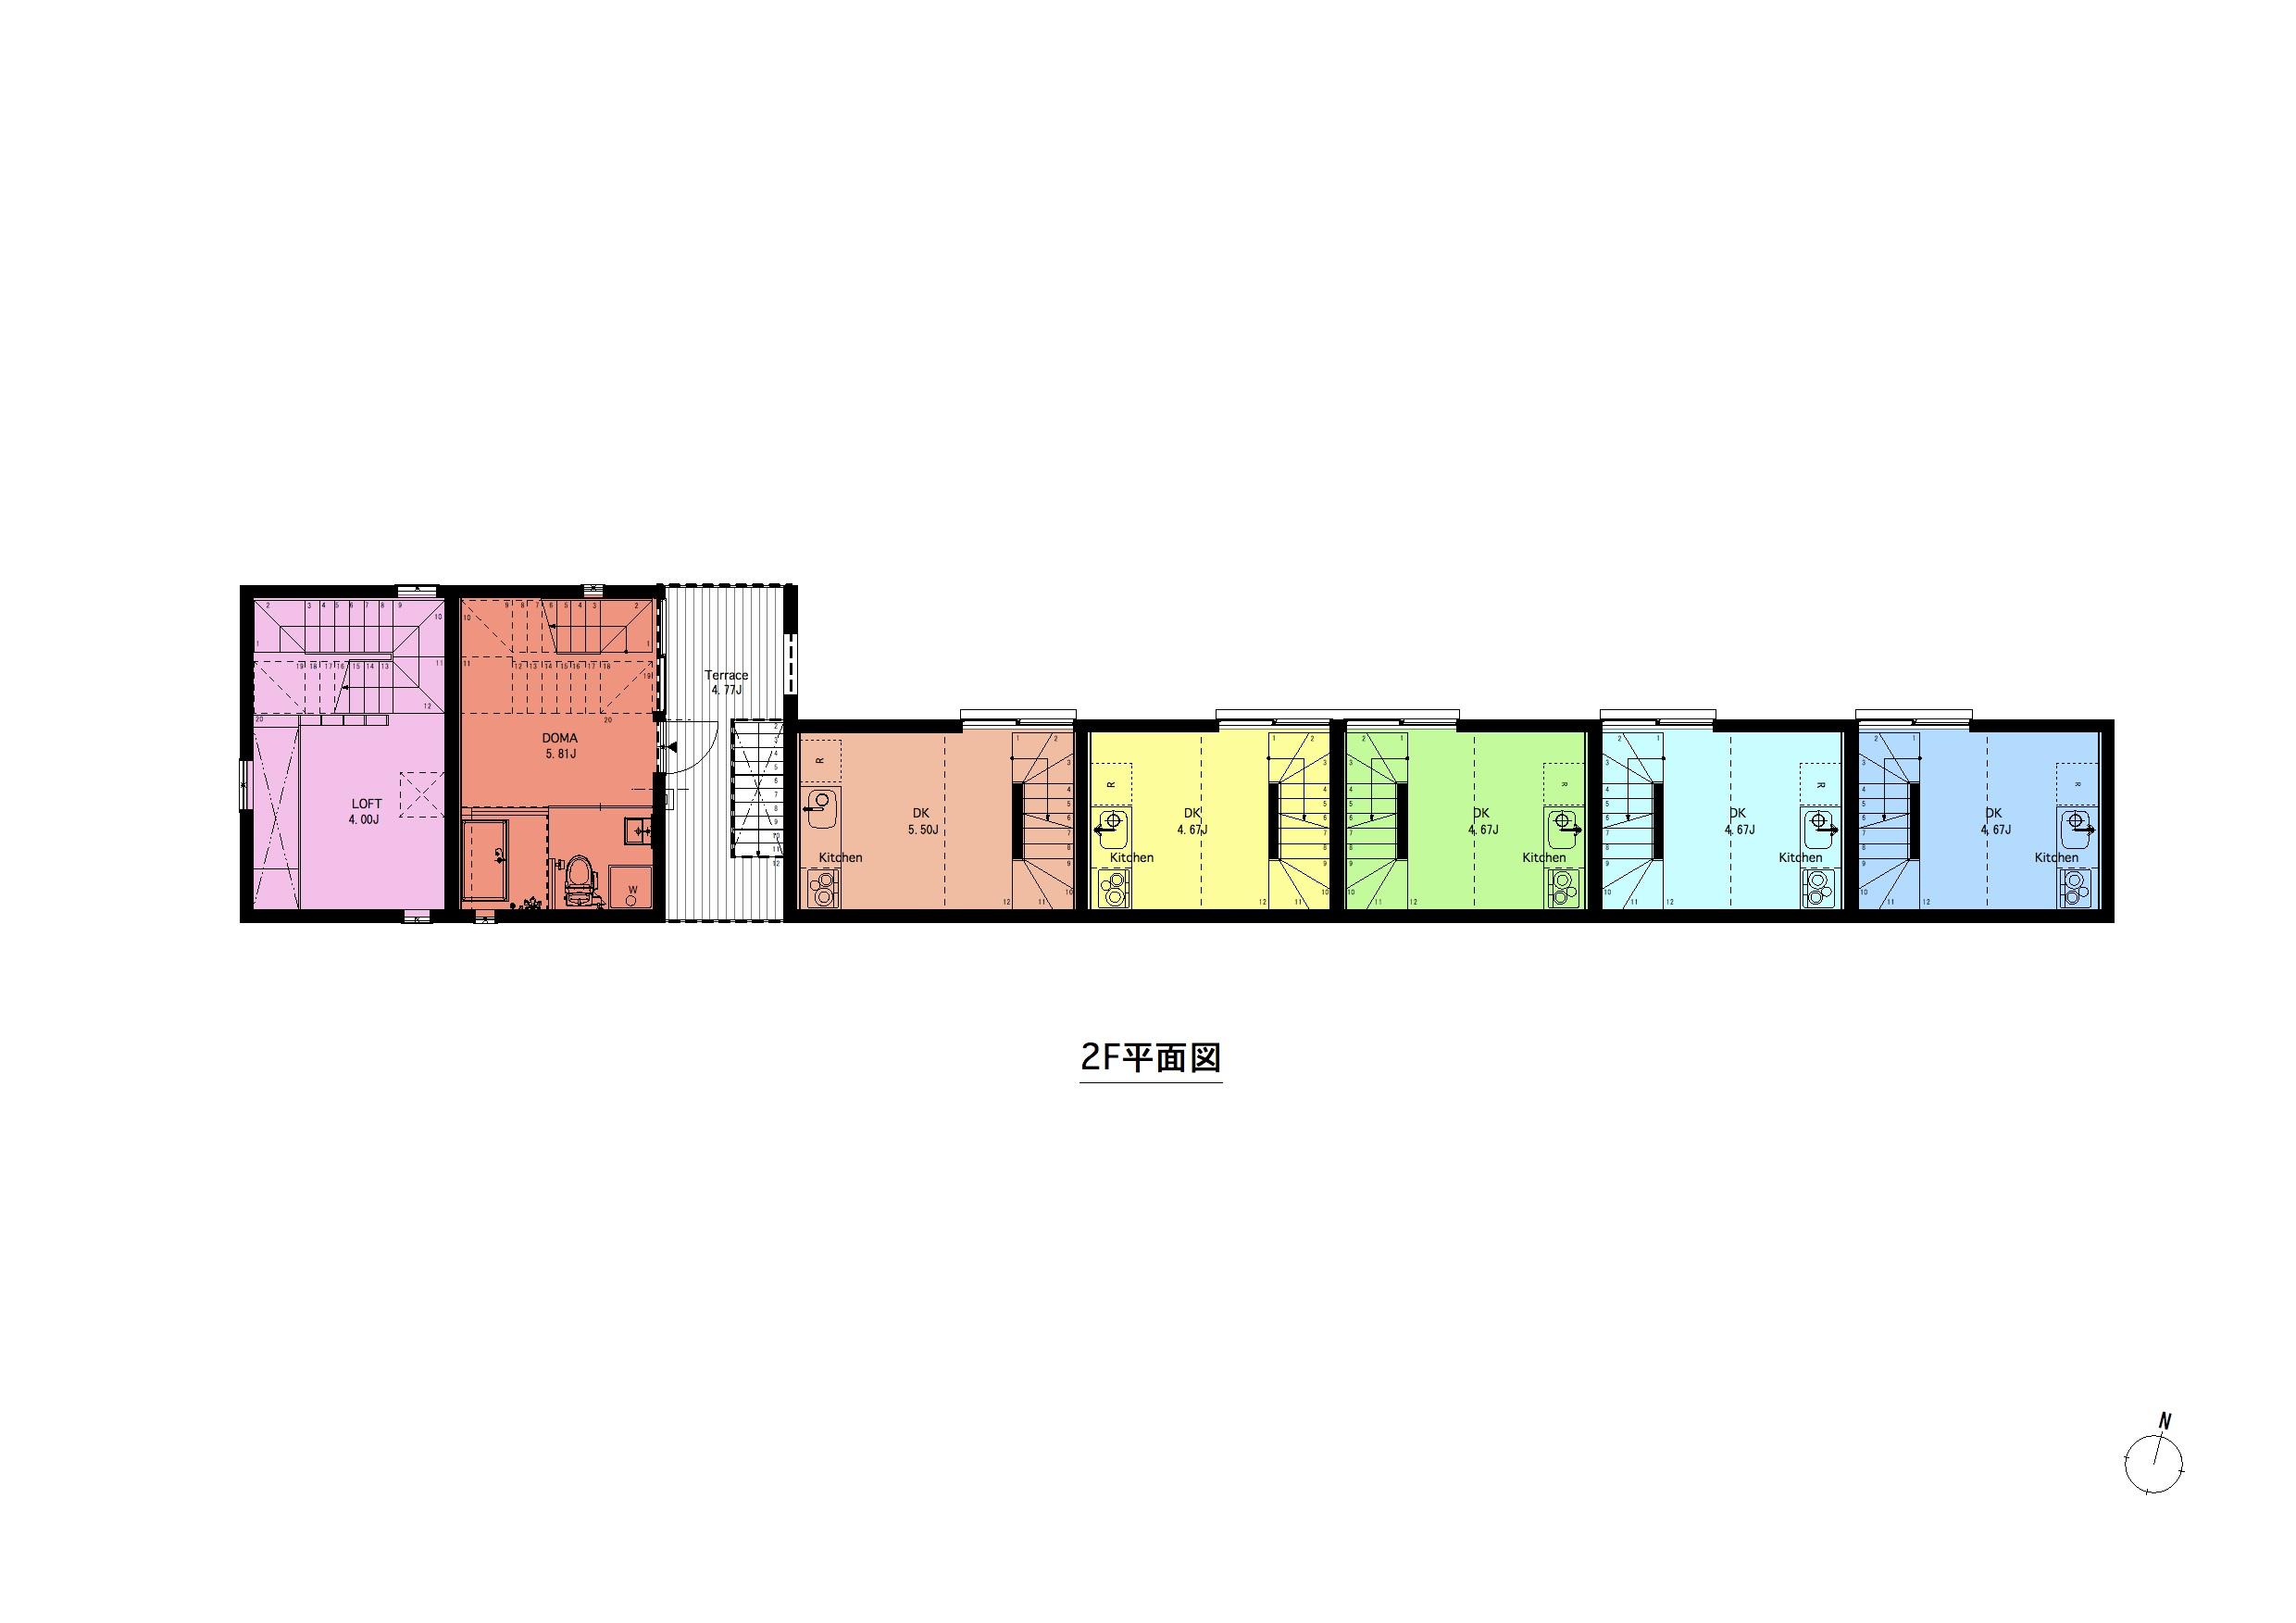 西瑞江_間取り図(全体平面)2F